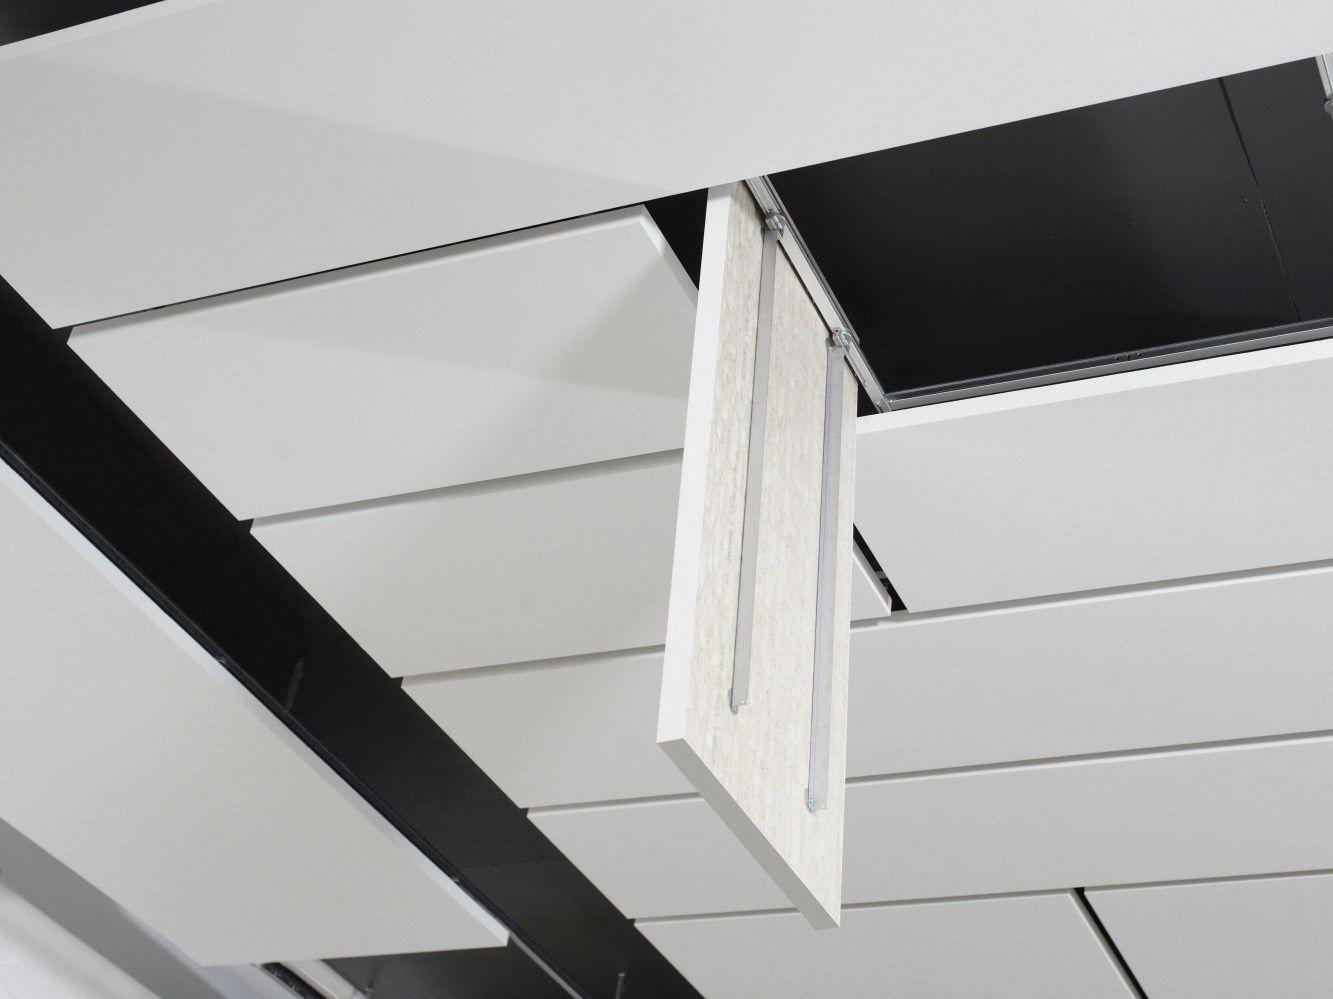 Acoustic Ceiling Tiles Ecophon Master Matrix By Saint